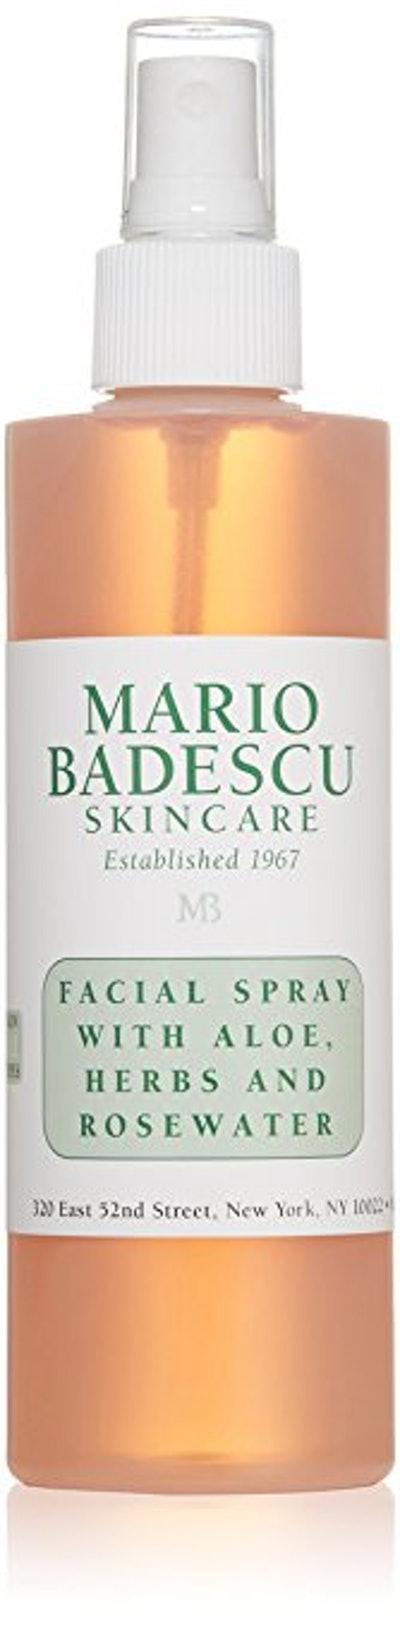 Mario Badescu Facial Spray With Aloe Herbs and Rosewater-2pk